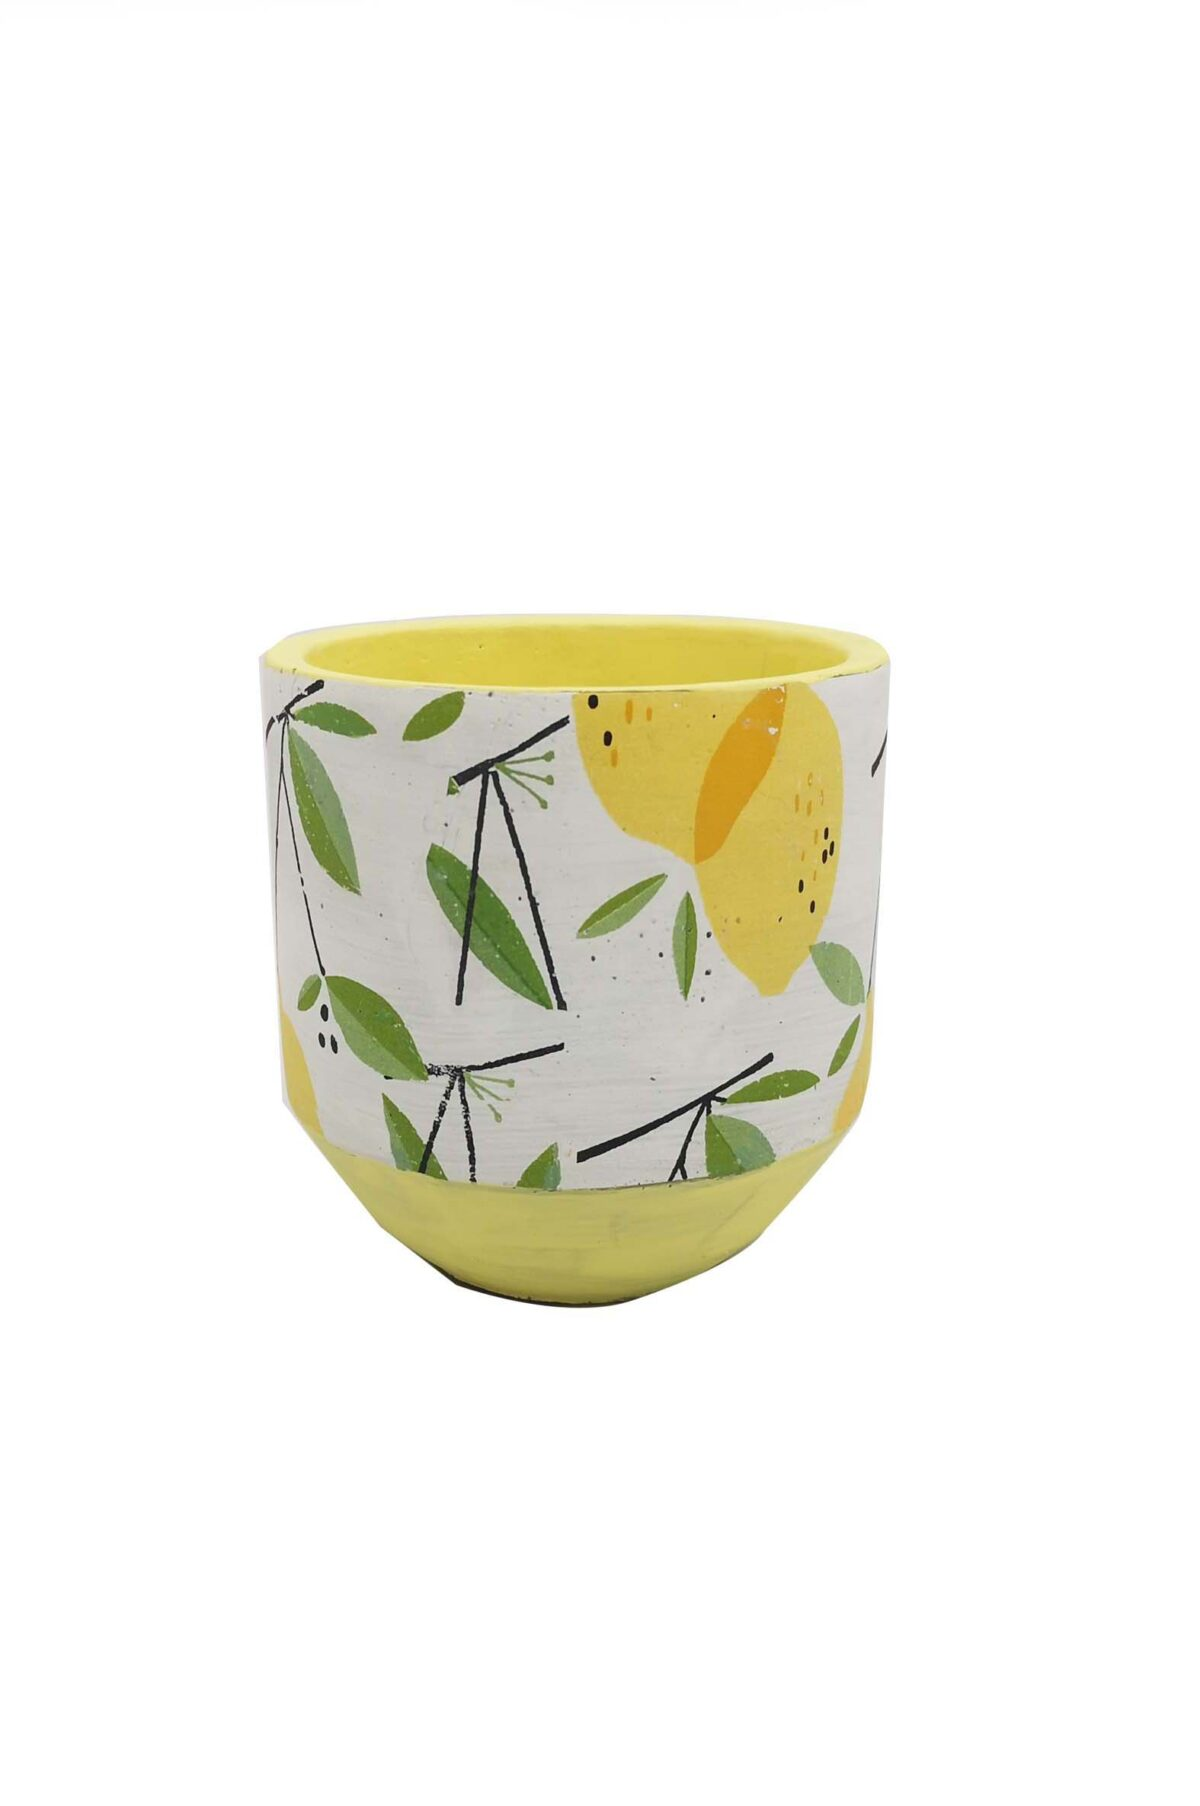 Vaso caspò portapiante in ceramica bianca decorato con limoni d. 14 h. 14 cm